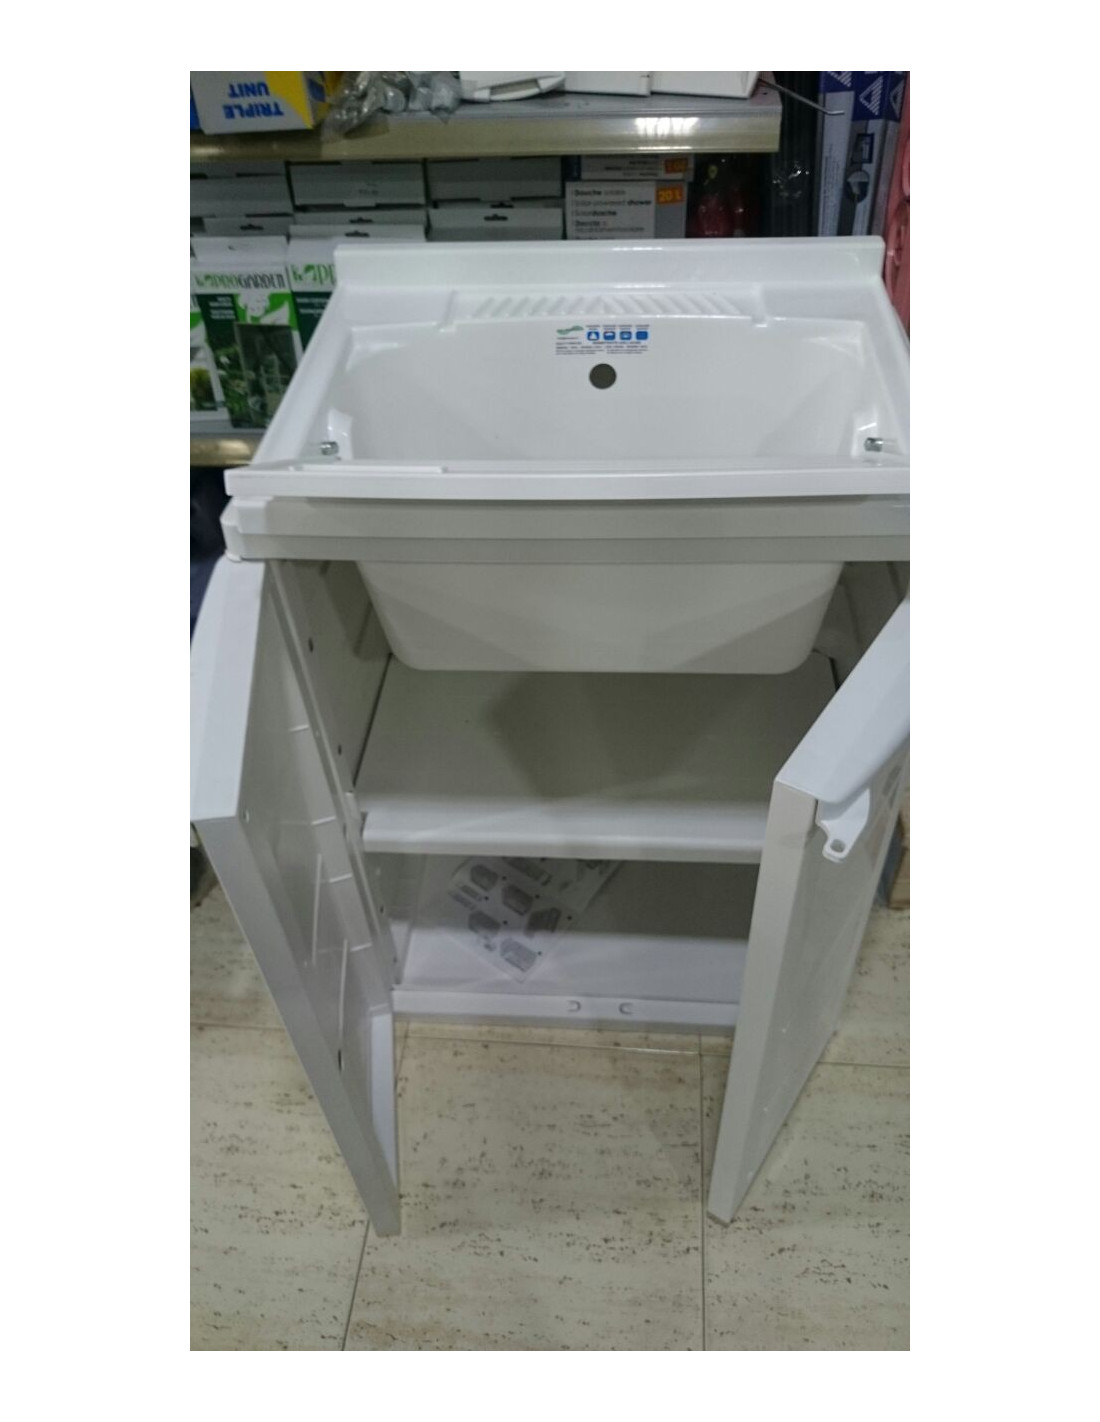 Mueble armario de resina con fregadero incorporado tienda de camping online - Muebles de resina leroy merlin ...